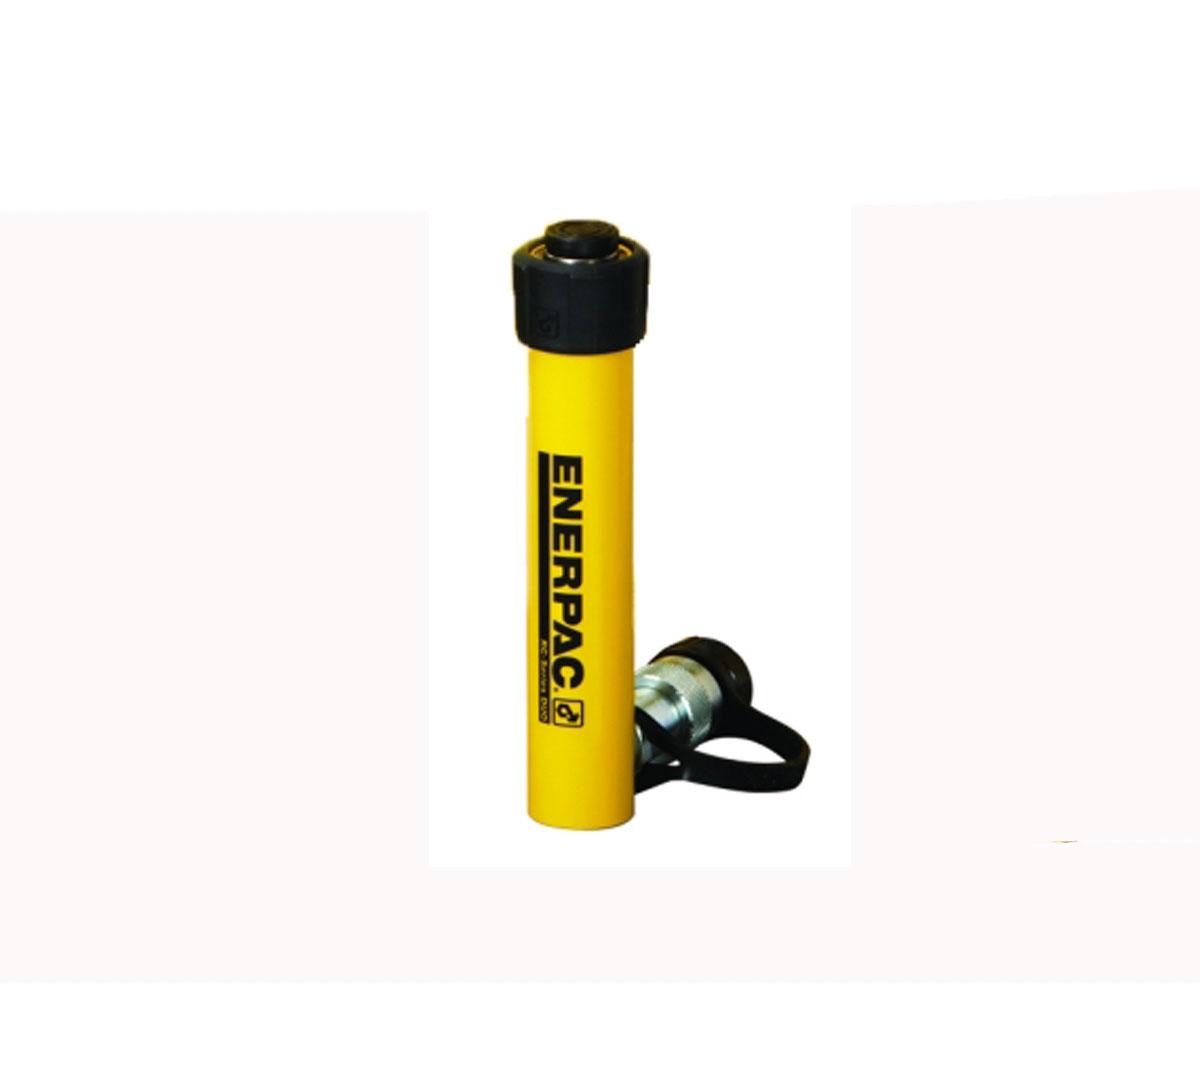 enerpac-rc59-hydraulic-cylinder-rental